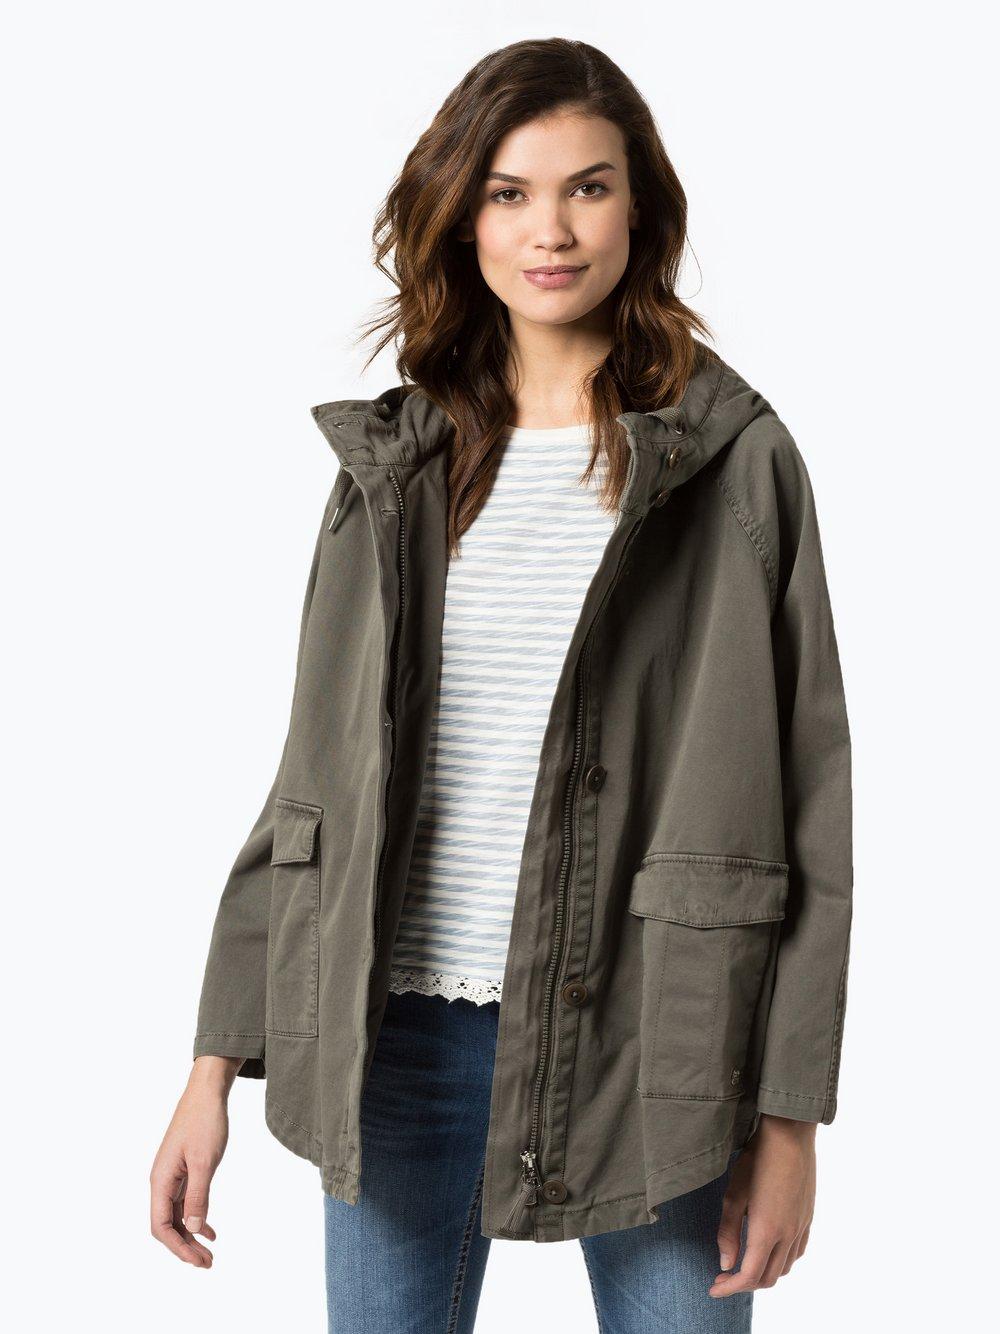 size 40 4d9e8 7cac2 Marc O'Polo Damen Jacke online kaufen | VANGRAAF.COM